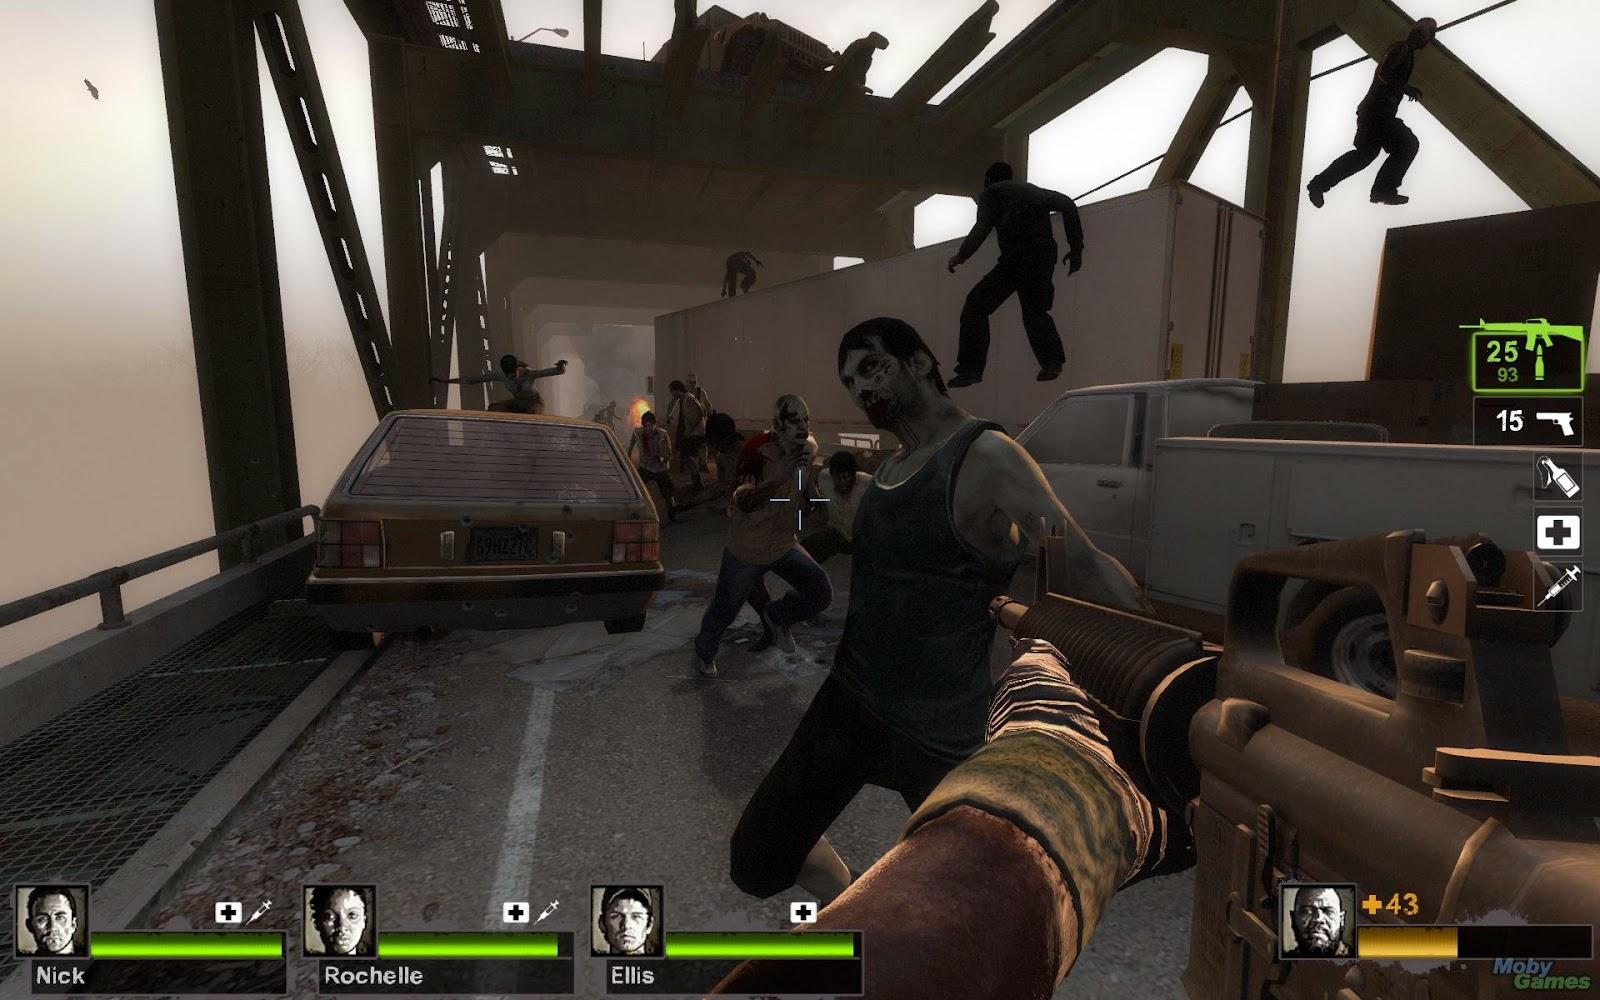 Left 4 Dead 2 FN FAL (замещает АК-47) - Файлы - патч